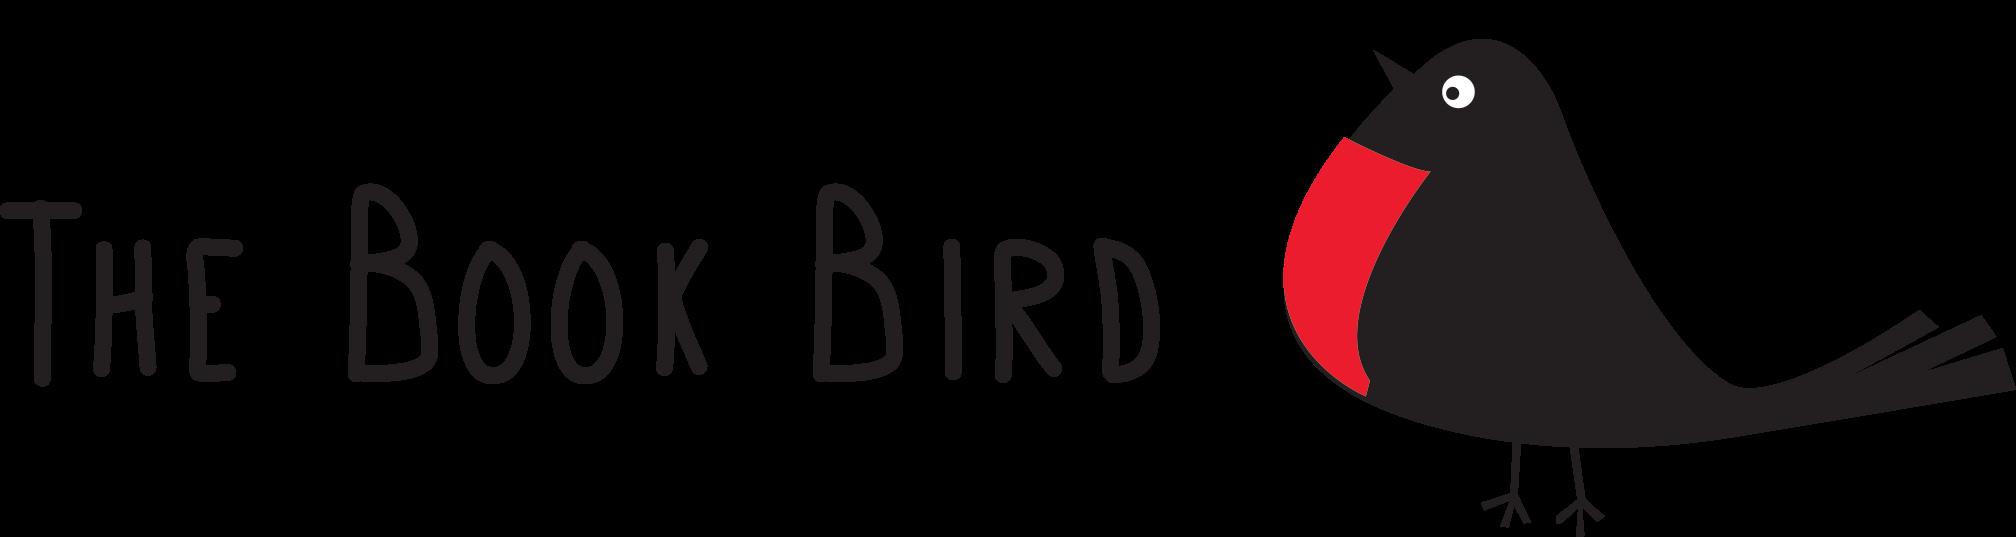 The Book Bird